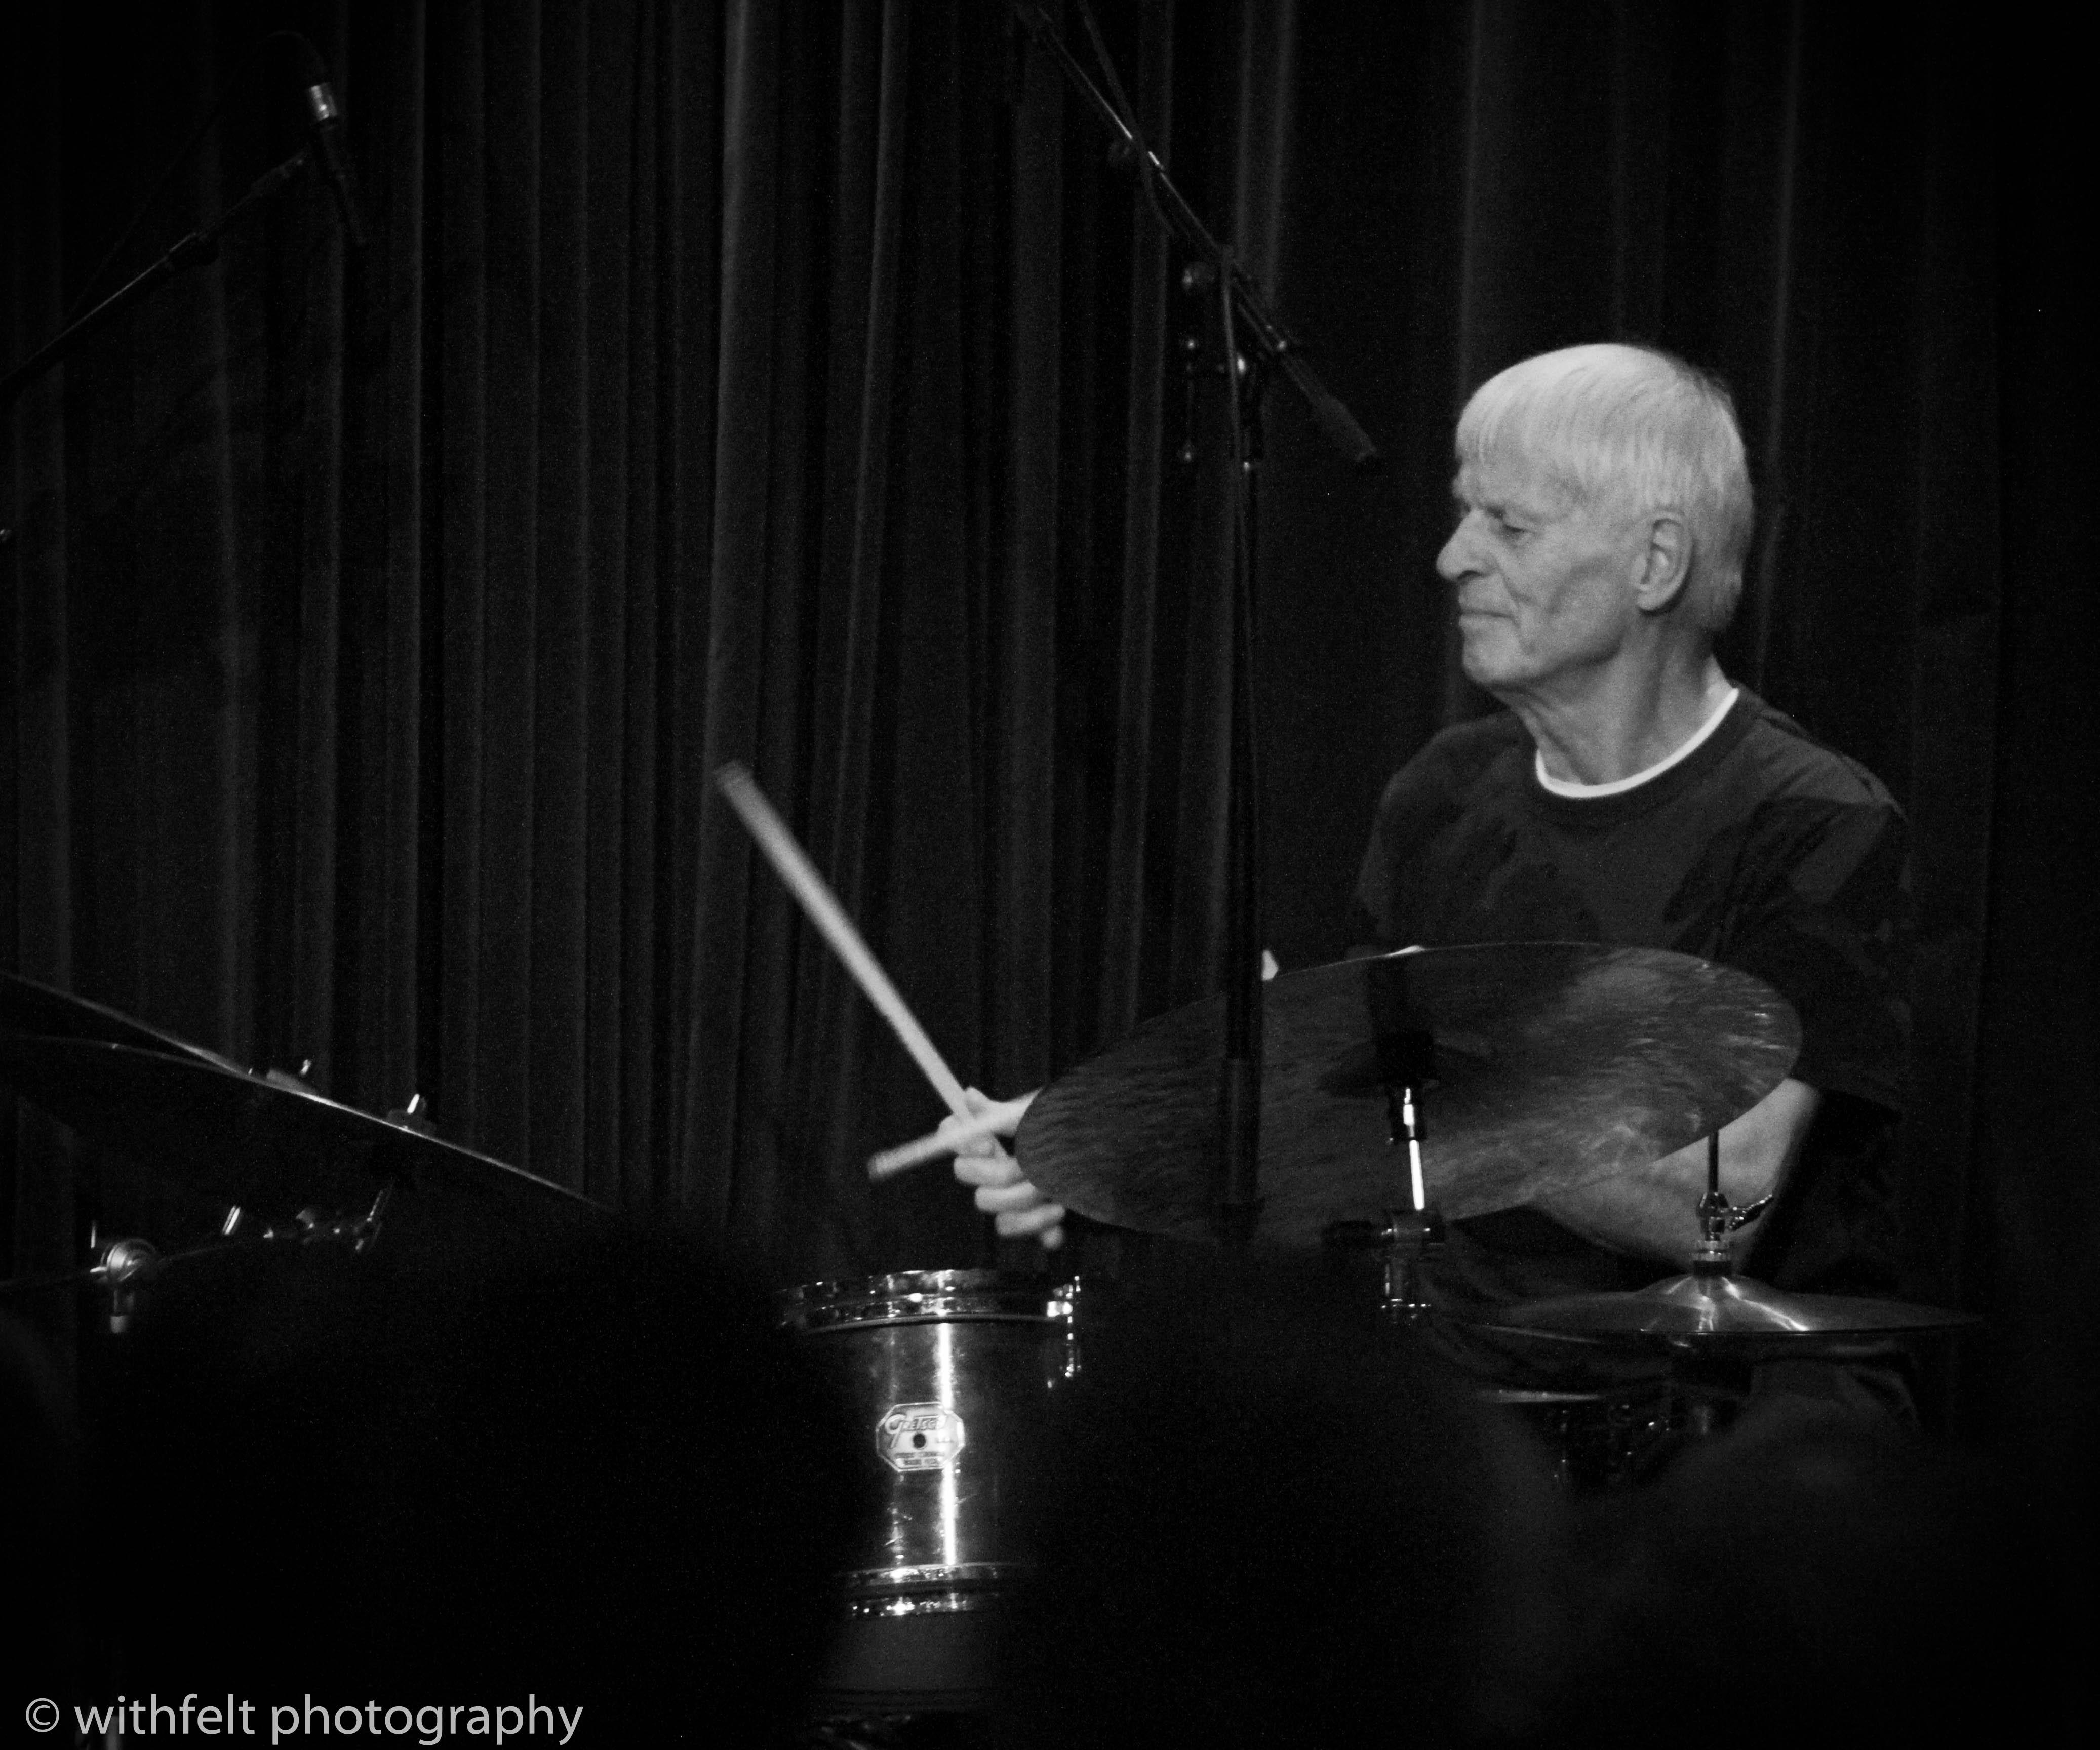 Alex Riel ( Riel / Mikkelborg / Stief / Dahl ) at Jazzhus Montmartre in Copenhagen, Denmark 25.08.2018